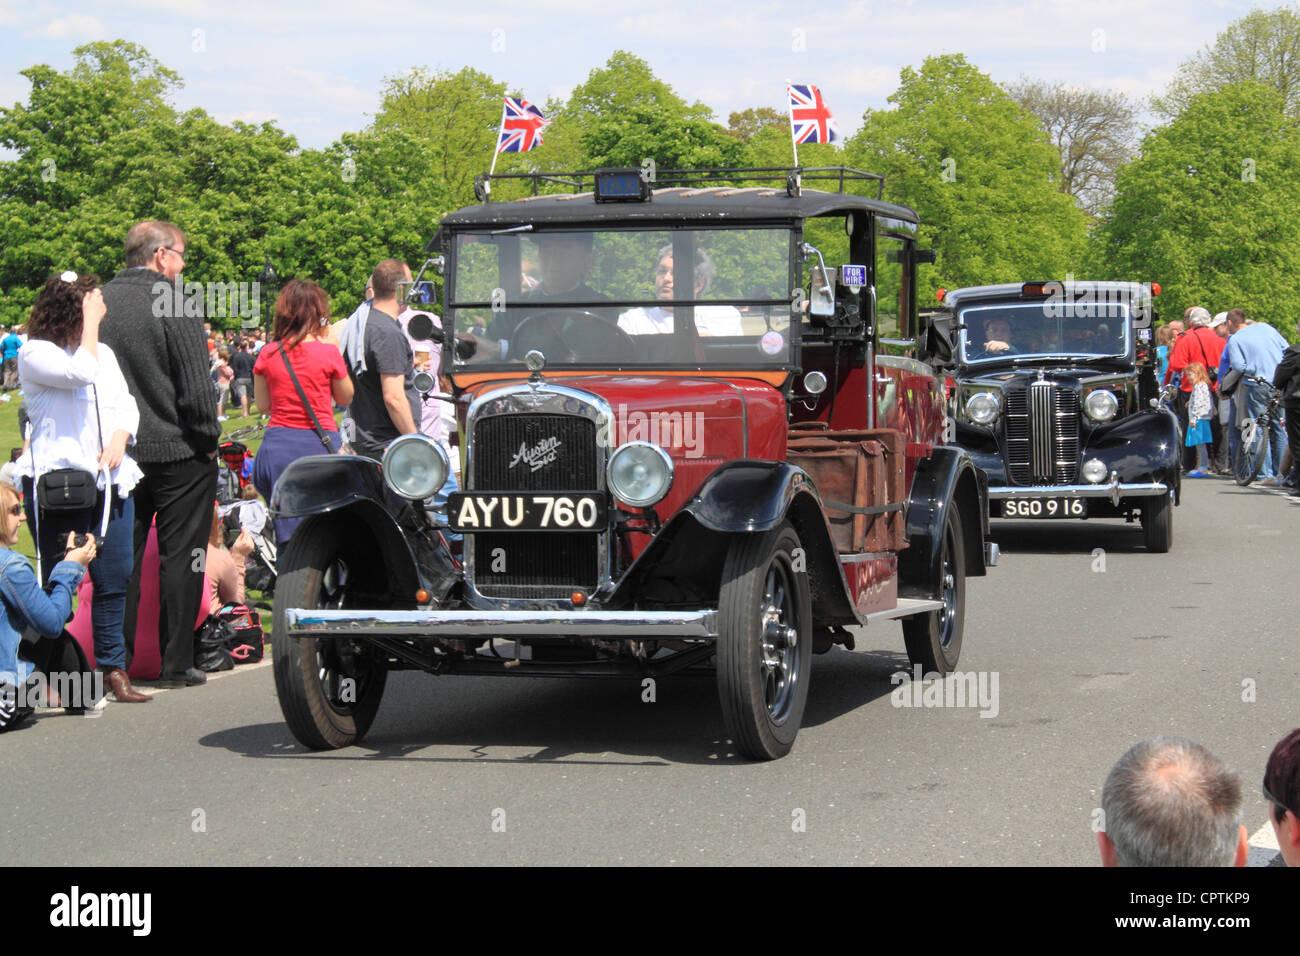 1934 austin sechs tieflader und 1956 austin fx3 london taxis vintage fahrzeugparade chestnut sonntag